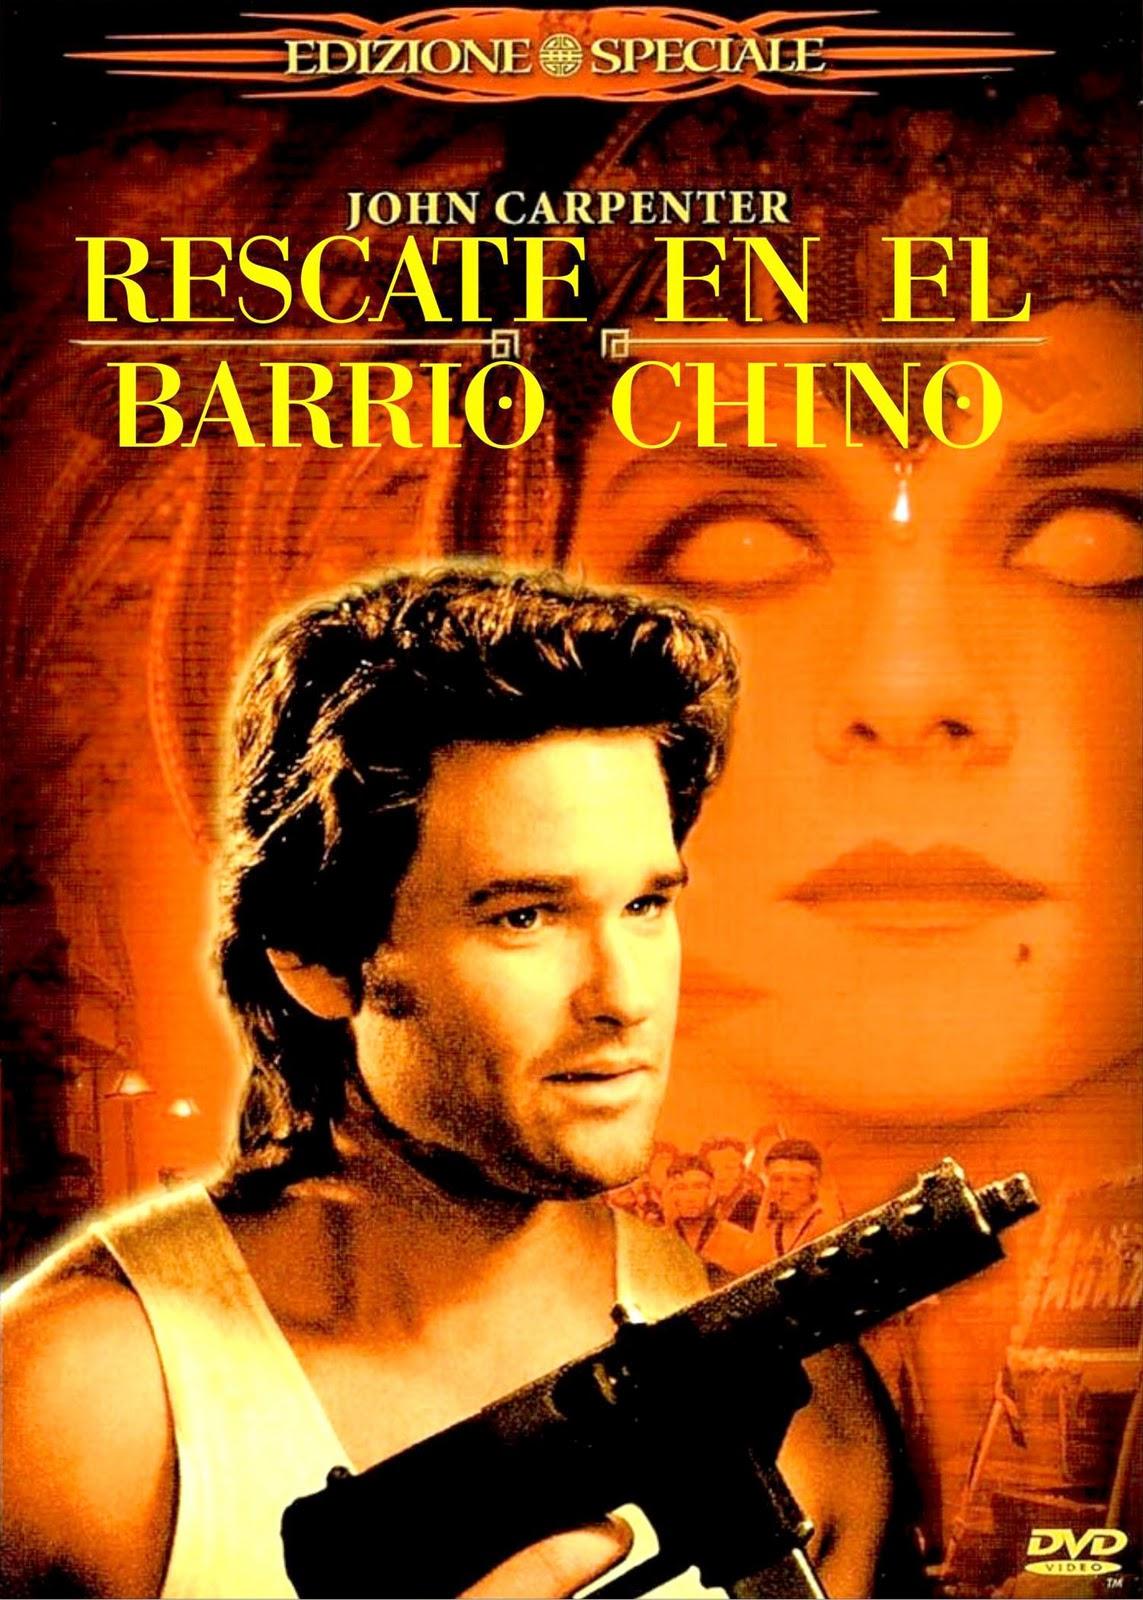 http://3.bp.blogspot.com/-cekgzeyB0fQ/Tw6-QeEpUII/AAAAAAAAA40/eMf7qcyd9aw/s1600/Rescate+En+El+Barrio+Chino.jpg